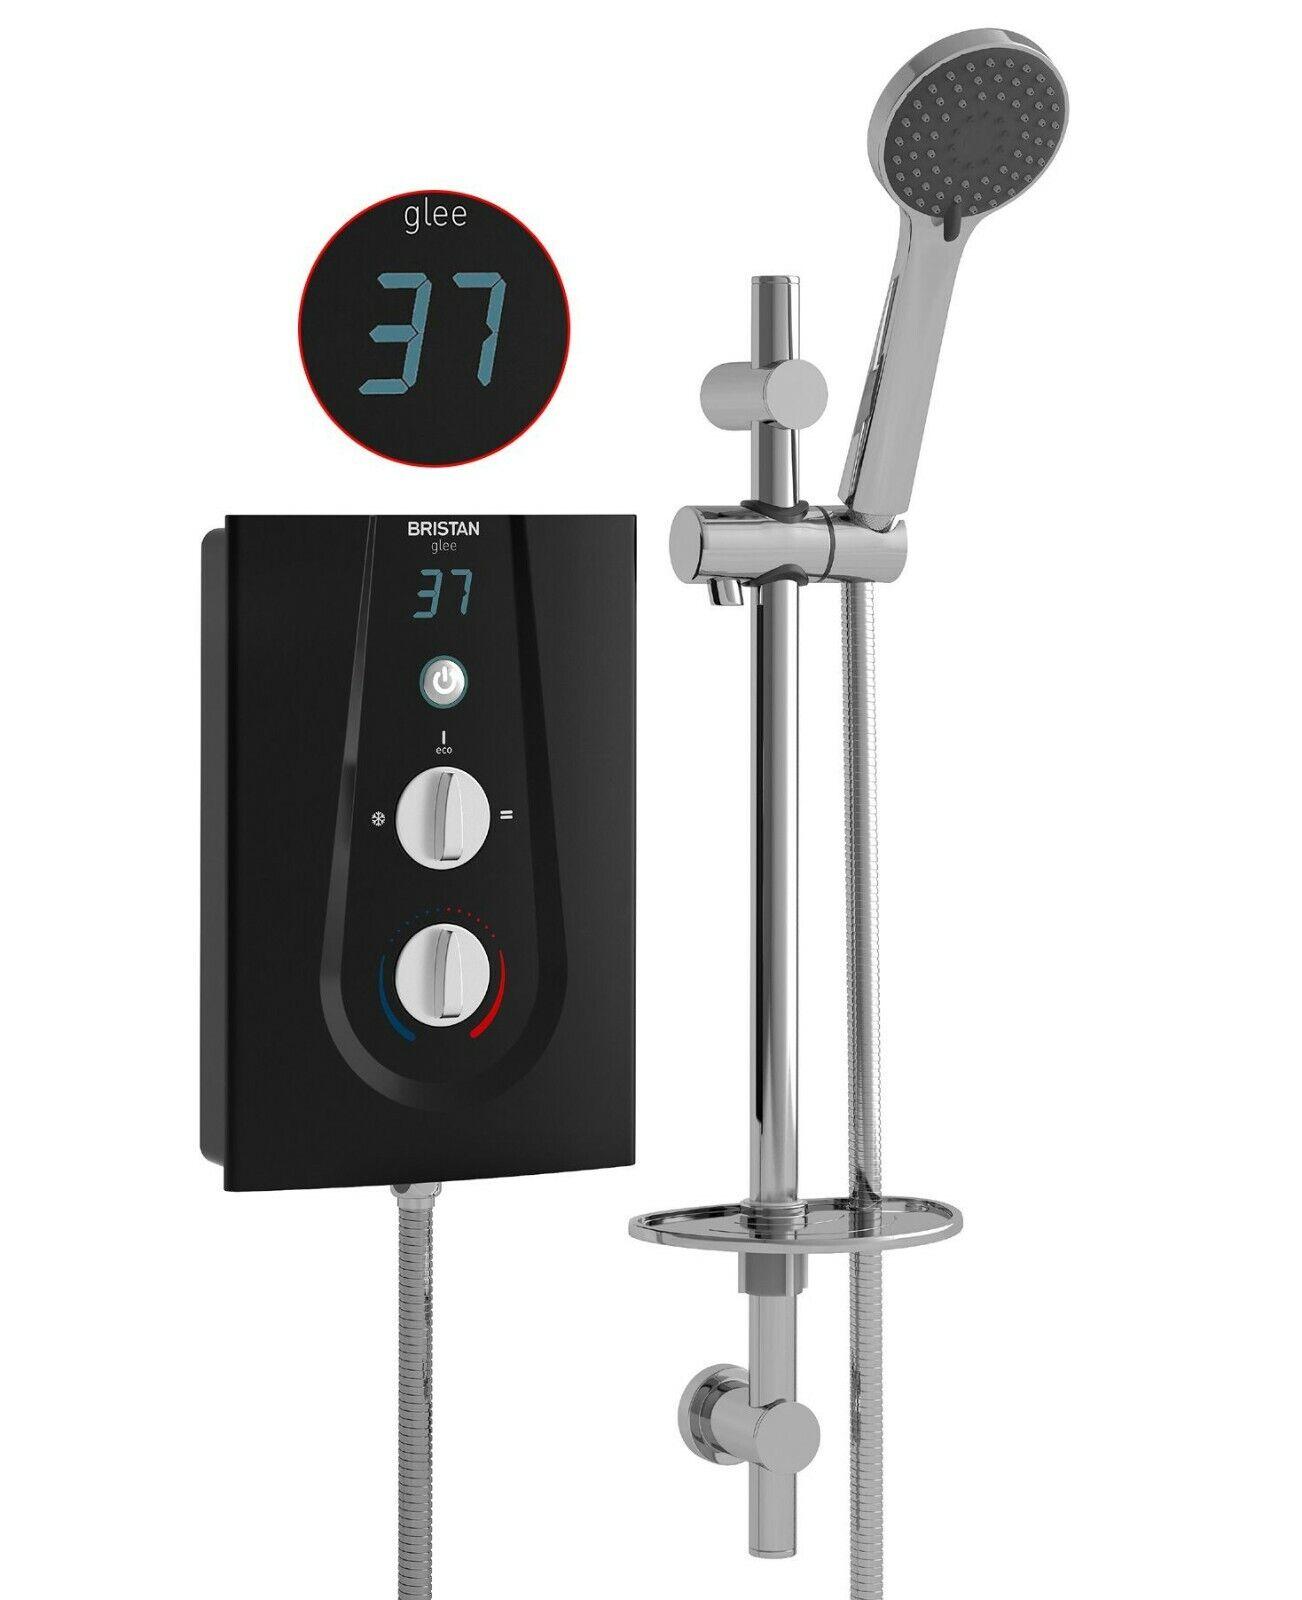 Bristan Glee 8.5 kW Noir Douche électrique GLE385 B